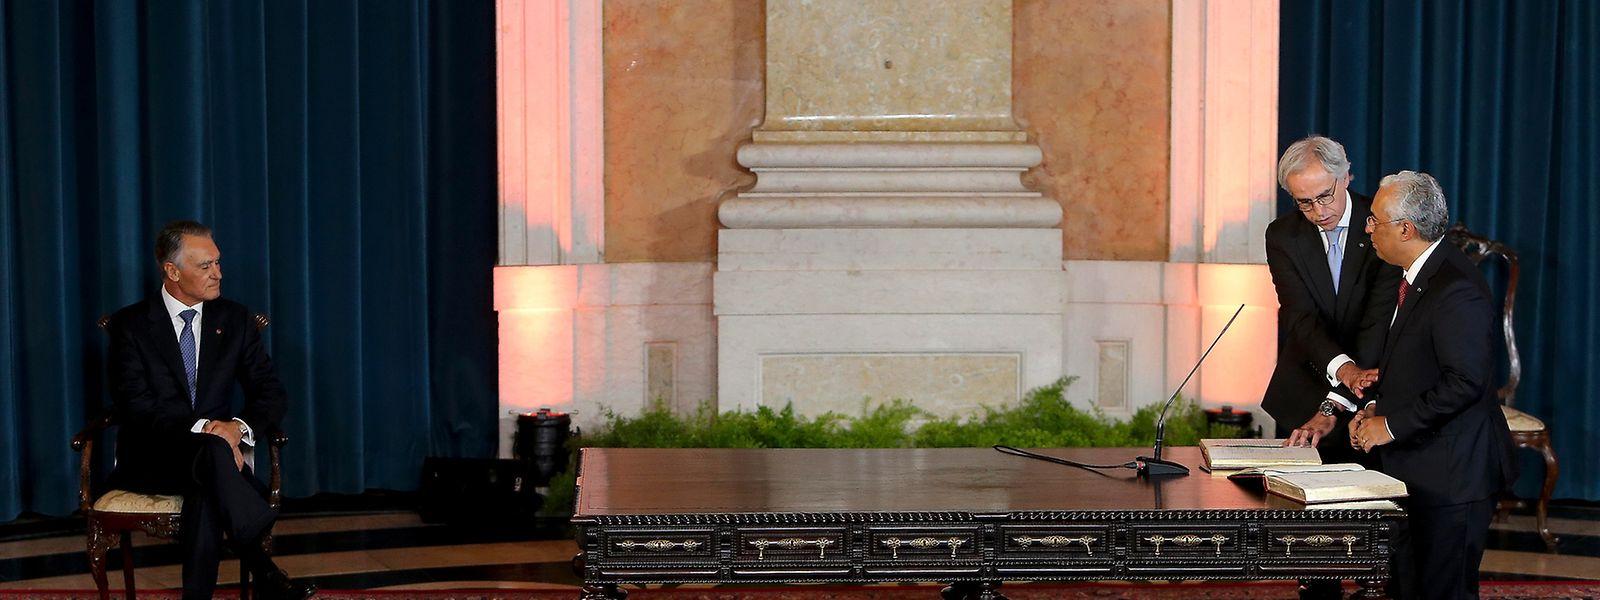 O primeiro-ministro, António Costa durante a cerimónia de tomada de posse do XXI Governo Constitucional